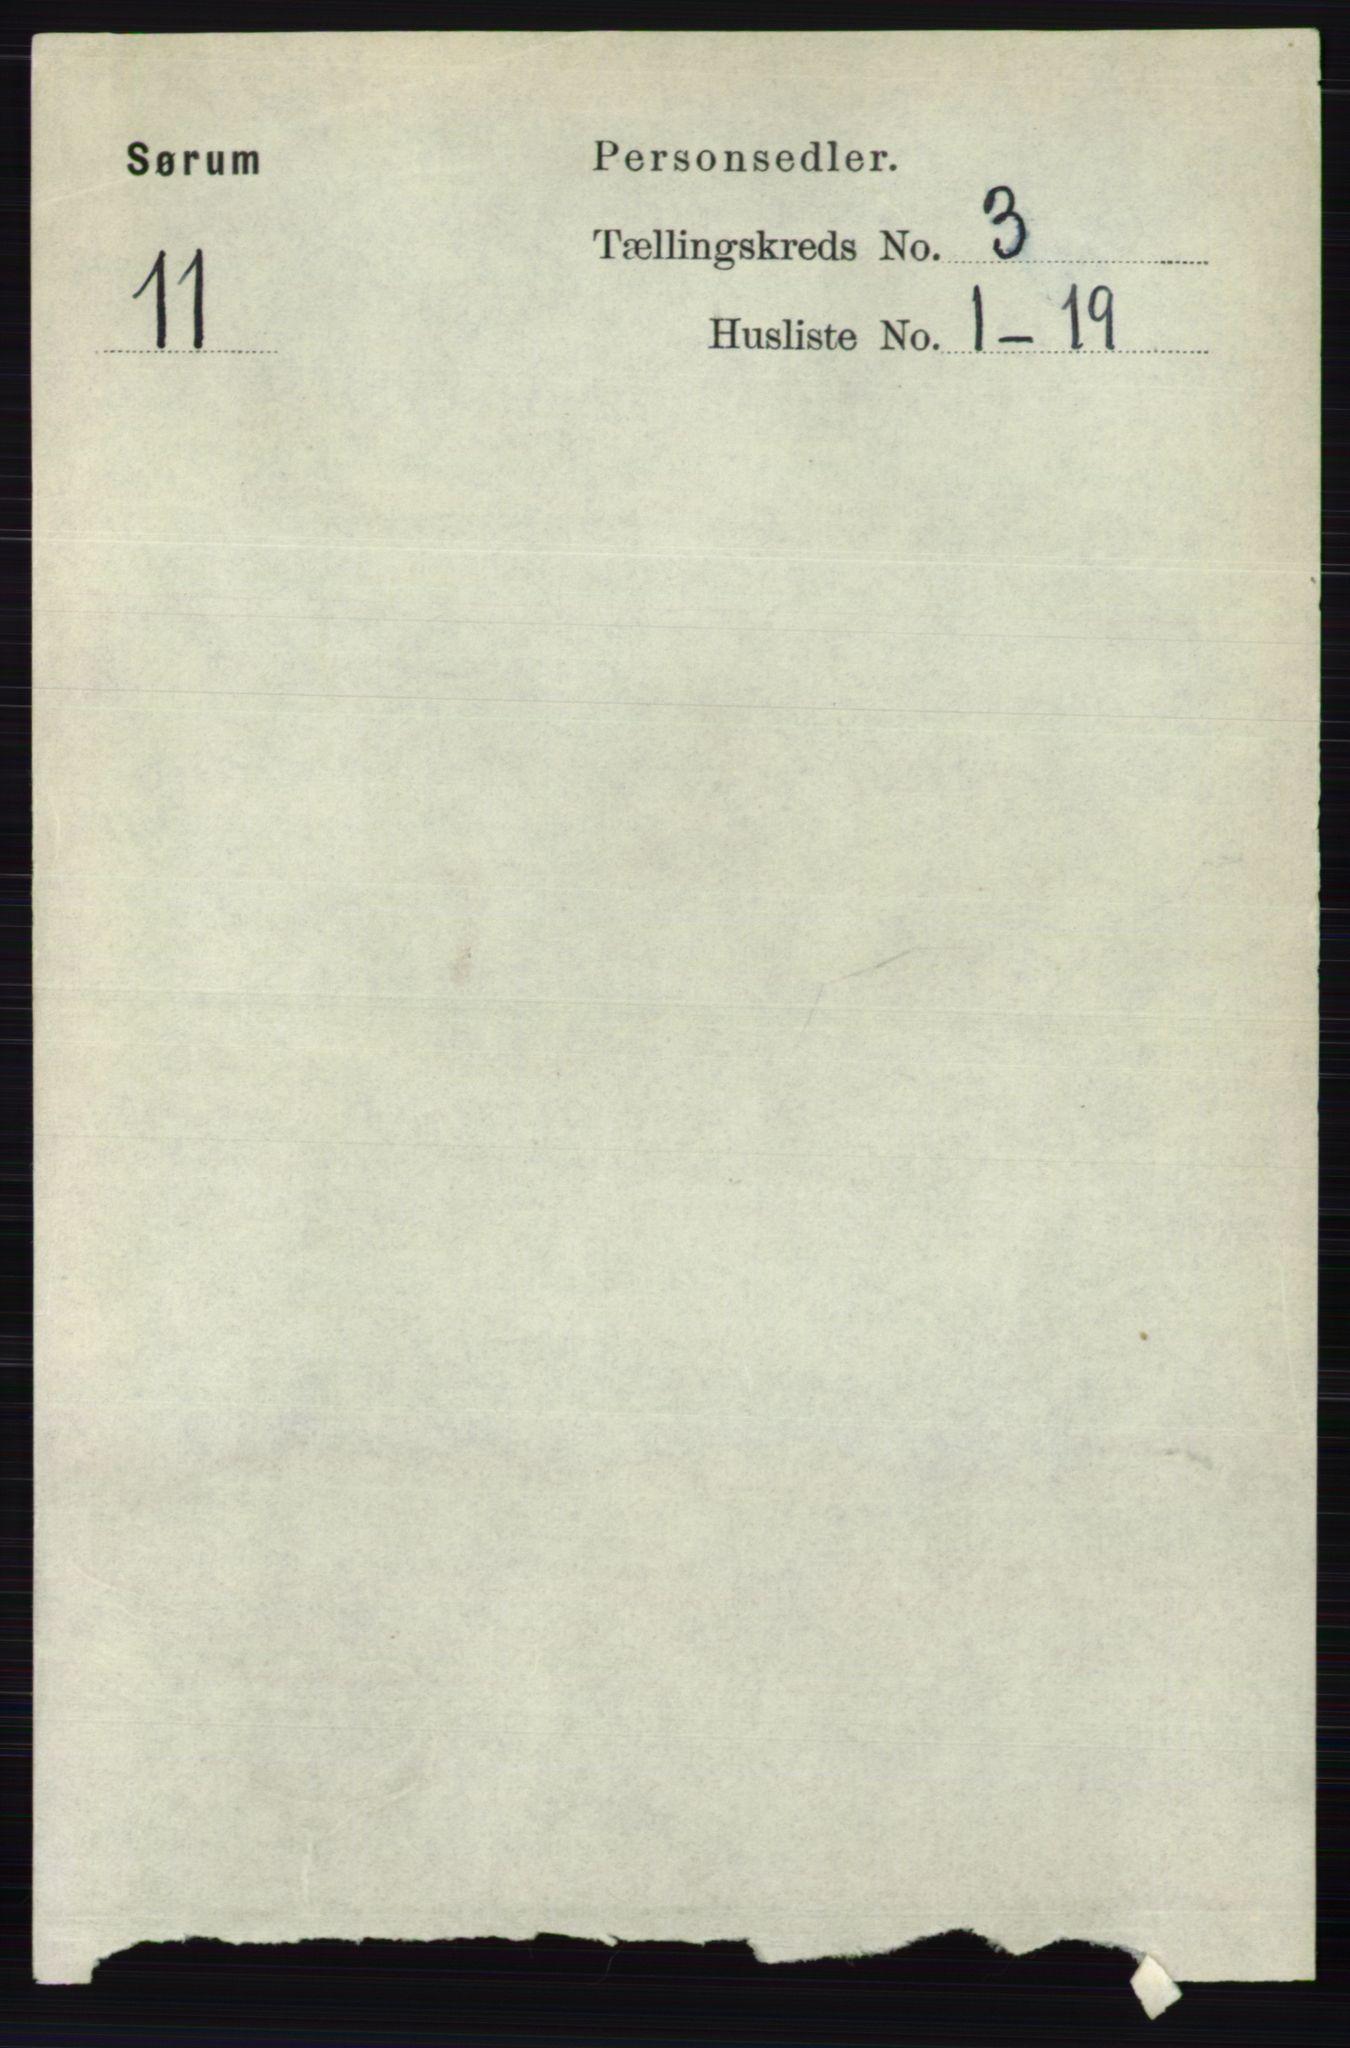 RA, Folketelling 1891 for 0226 Sørum herred, 1891, s. 1281